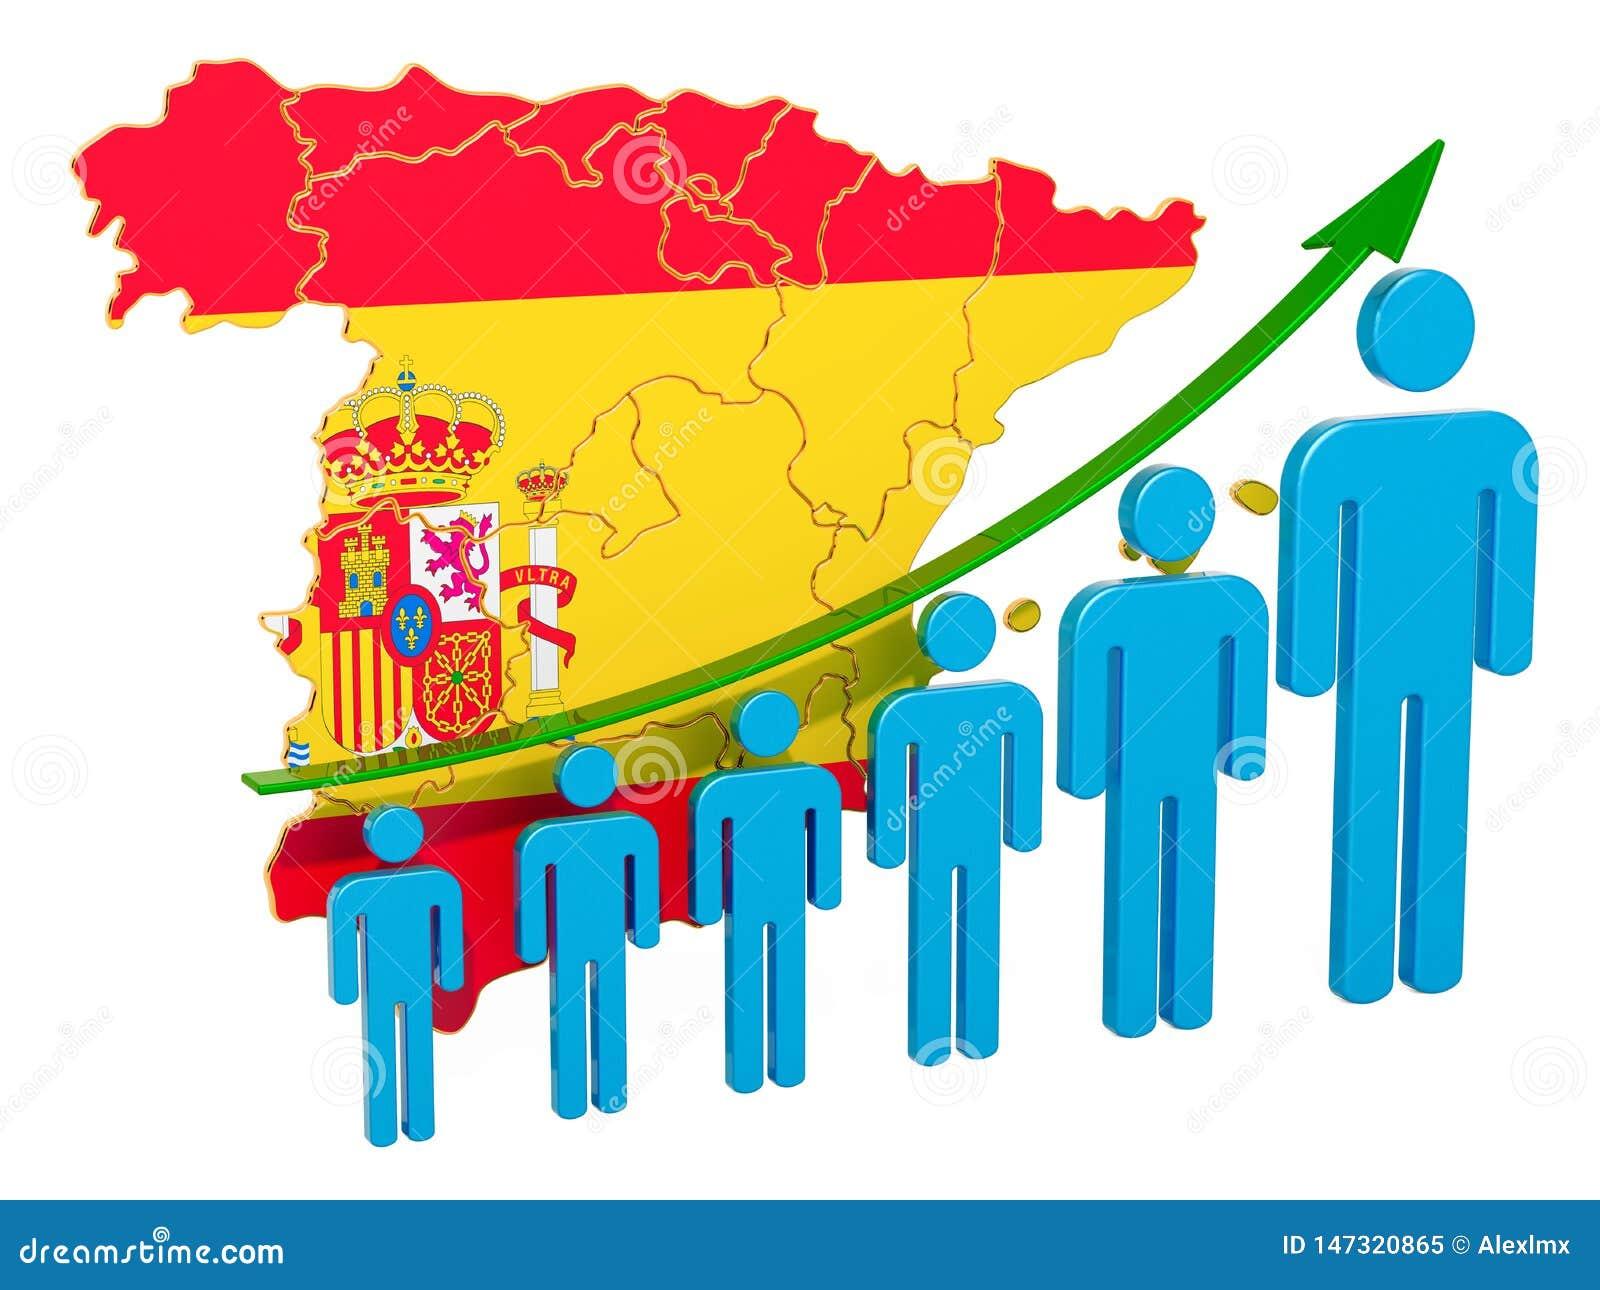 Avaliação do emprego e o desemprego ou a mortalidade e a fertilidade na Espanha, conceito rendi??o 3d